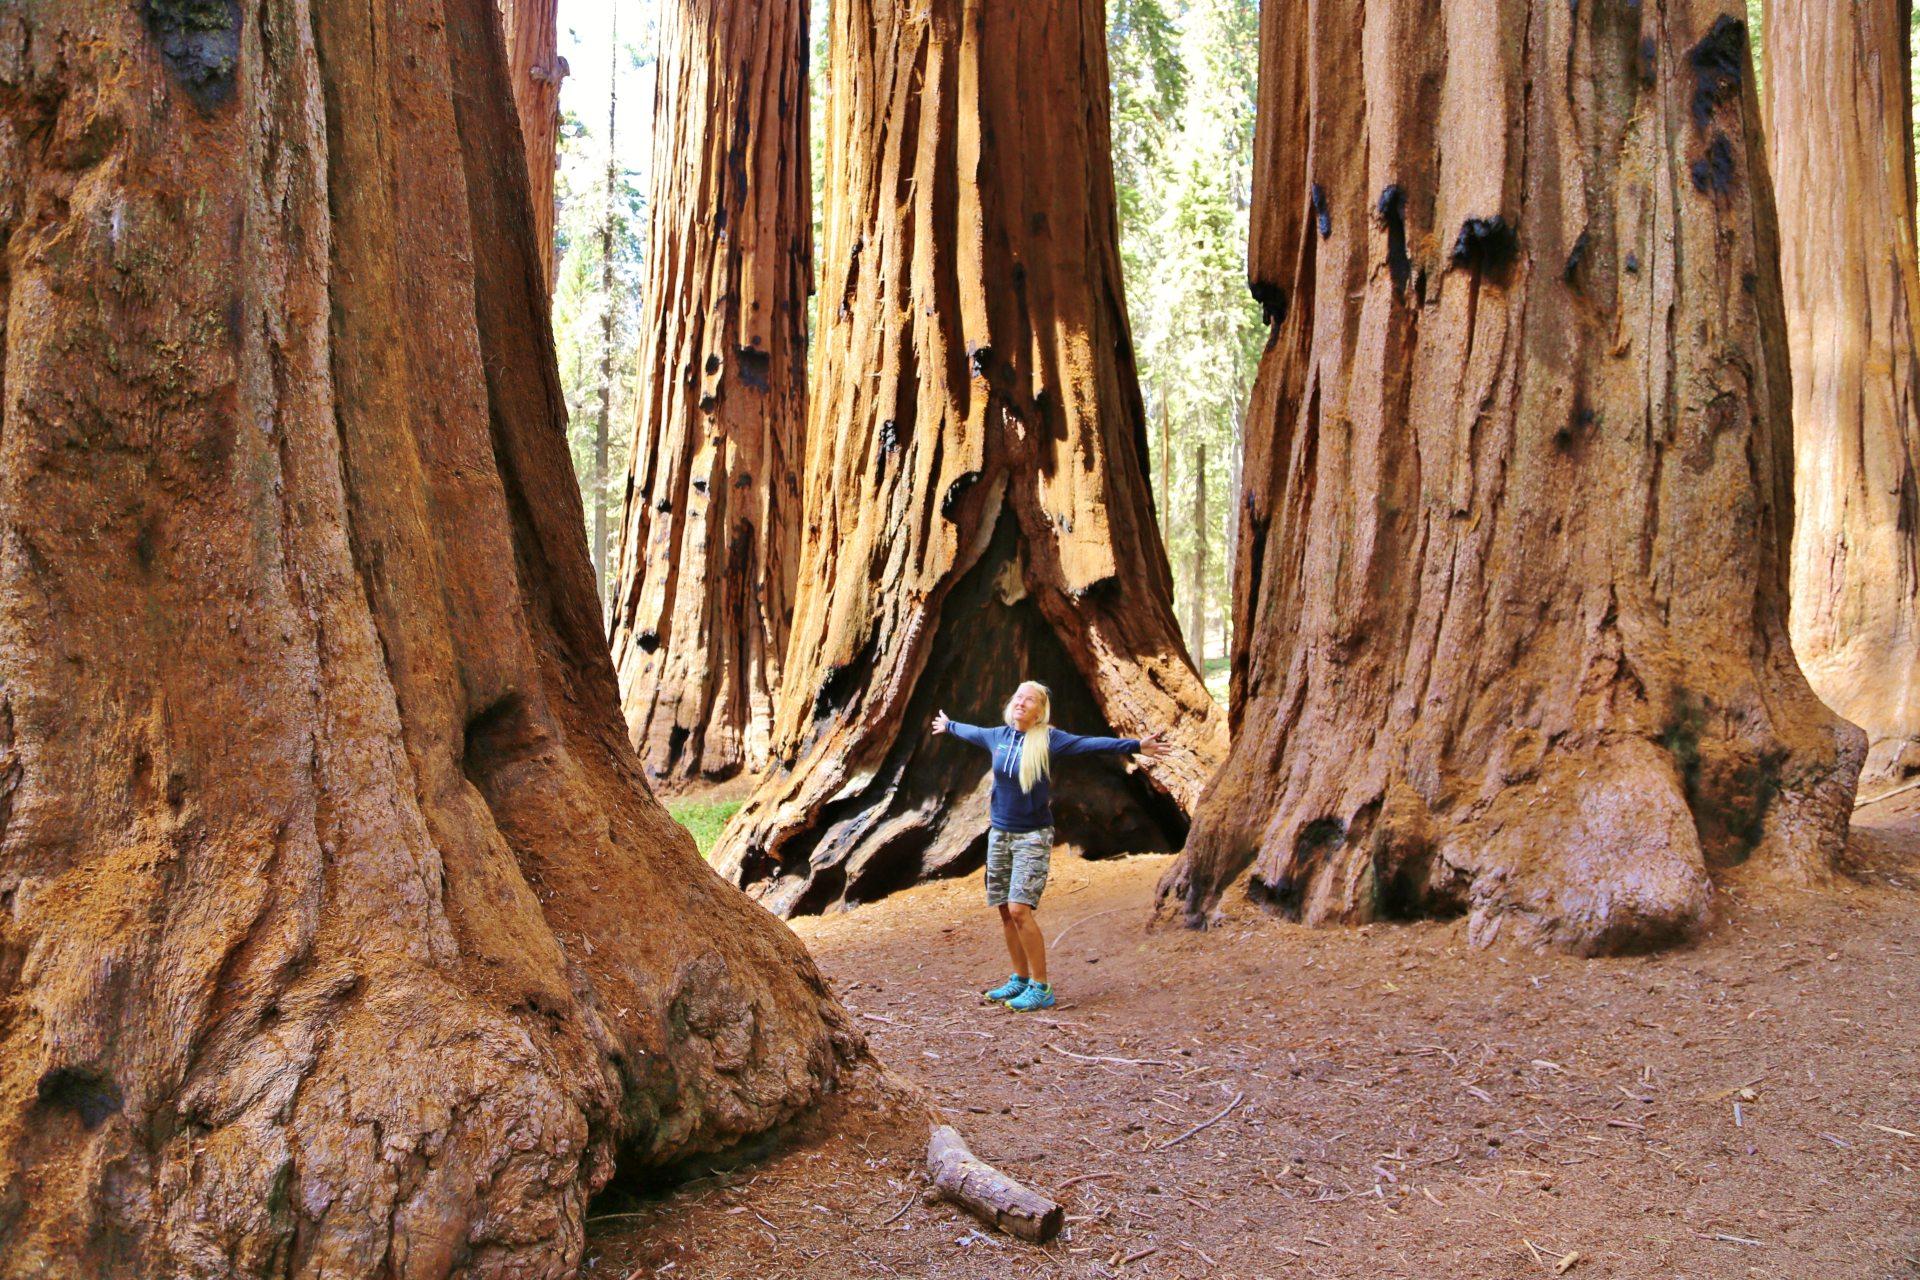 General Sherman Trail - Congress Trail - Mitten unter Elefantenfüßen! - Bäume, Baumstämme, Blondine, hoch, Kalifornien, malerisch, Mammutbäume, Personen, Portrait, Porträt, Riesenmammutbäume, riesig, Sequoia National Park, traumhaft, überdimensional - HOFBAUER-HOFMANN Sofia - (Pinewood, Sequoia National Park, California, Vereinigte Staaten)